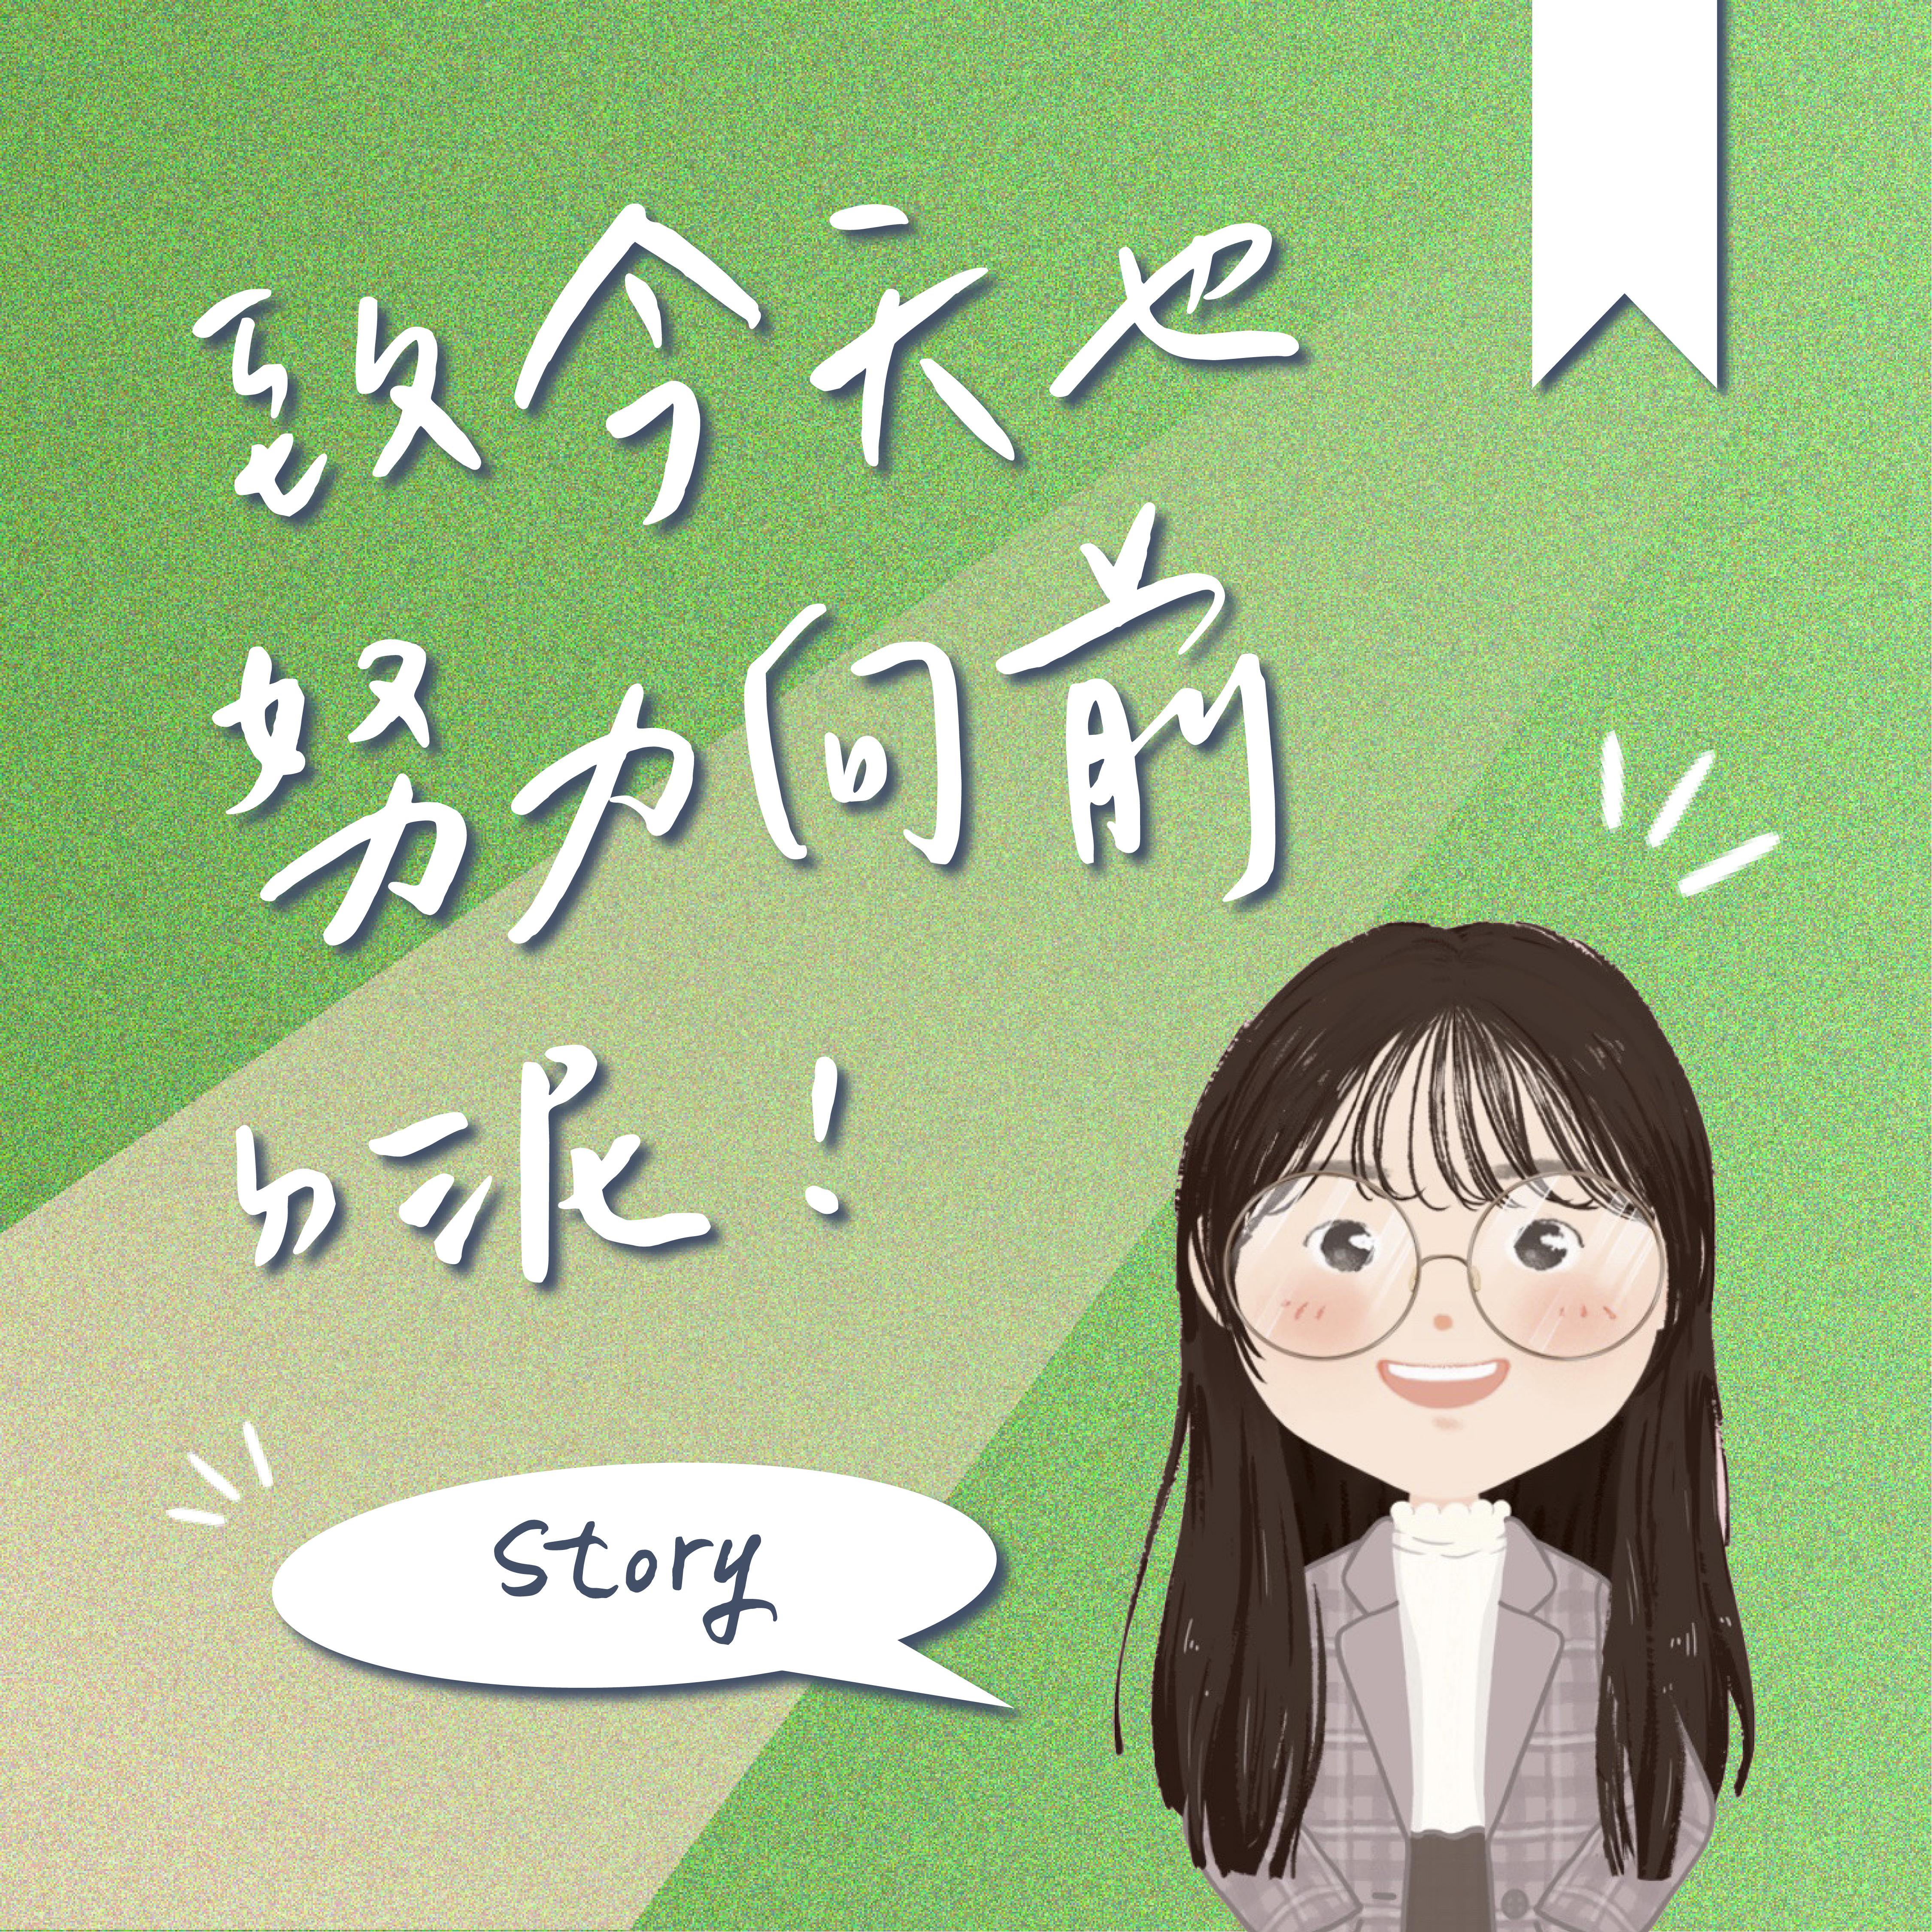 EP12 【Story】十分鐘溫暖睡前小故事💕曾經的第一志願高中畢業,在大學過的好嗎?